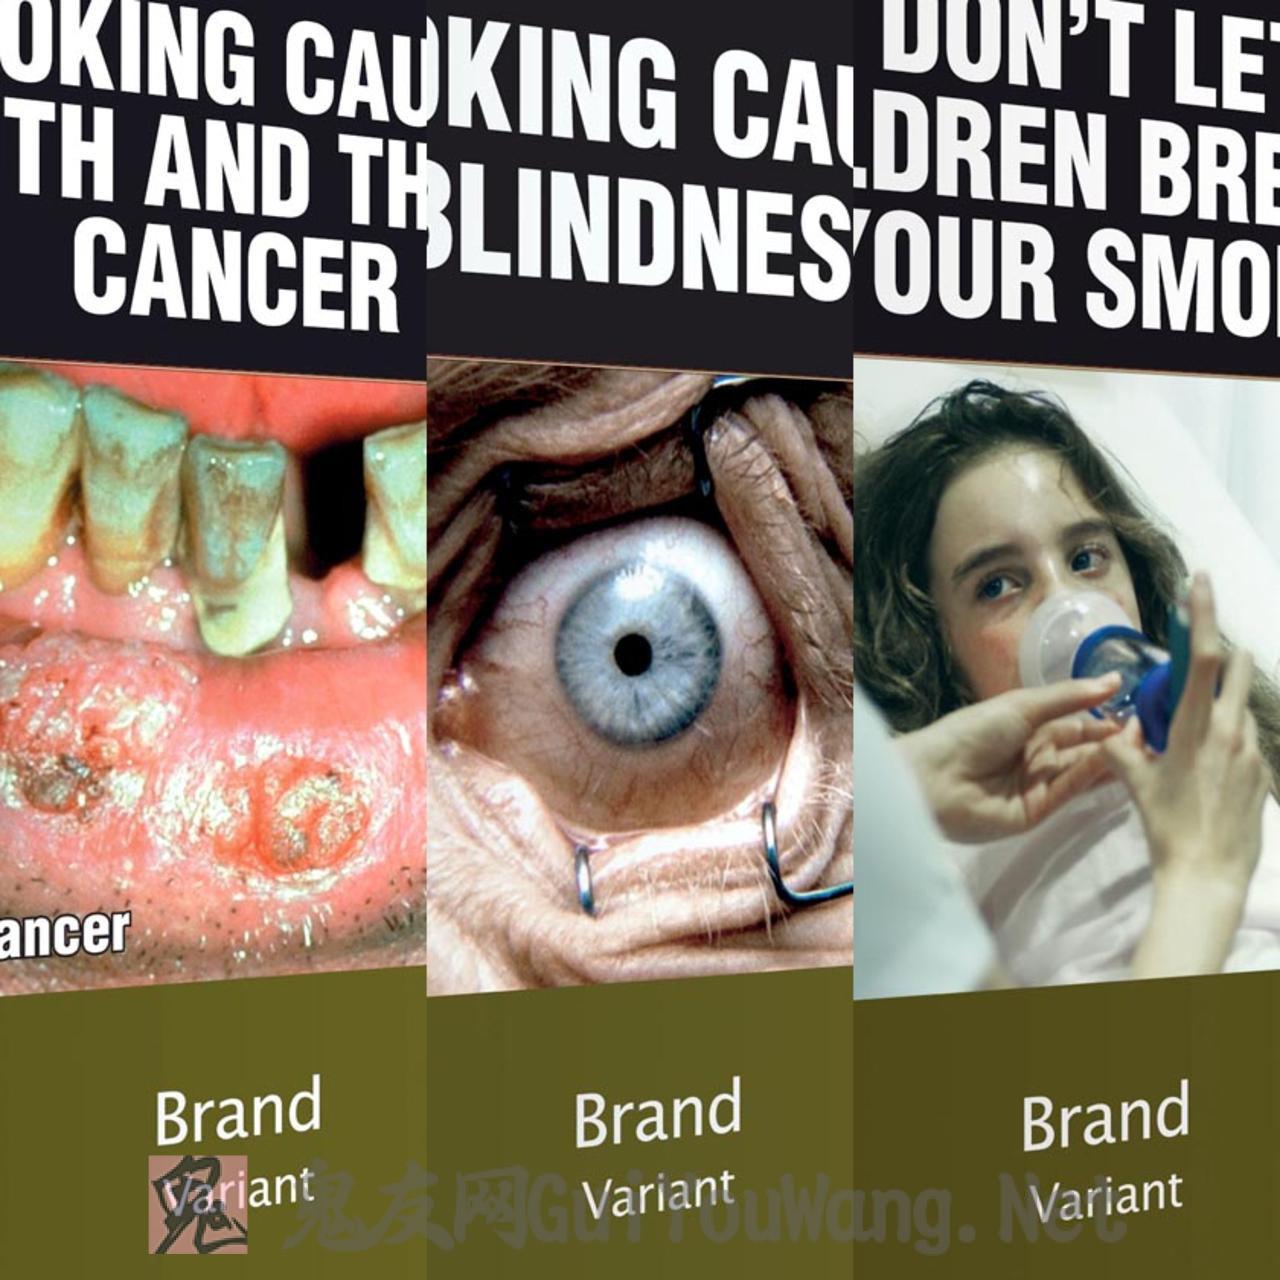 世界各地的香烟盒上面的吓人图片